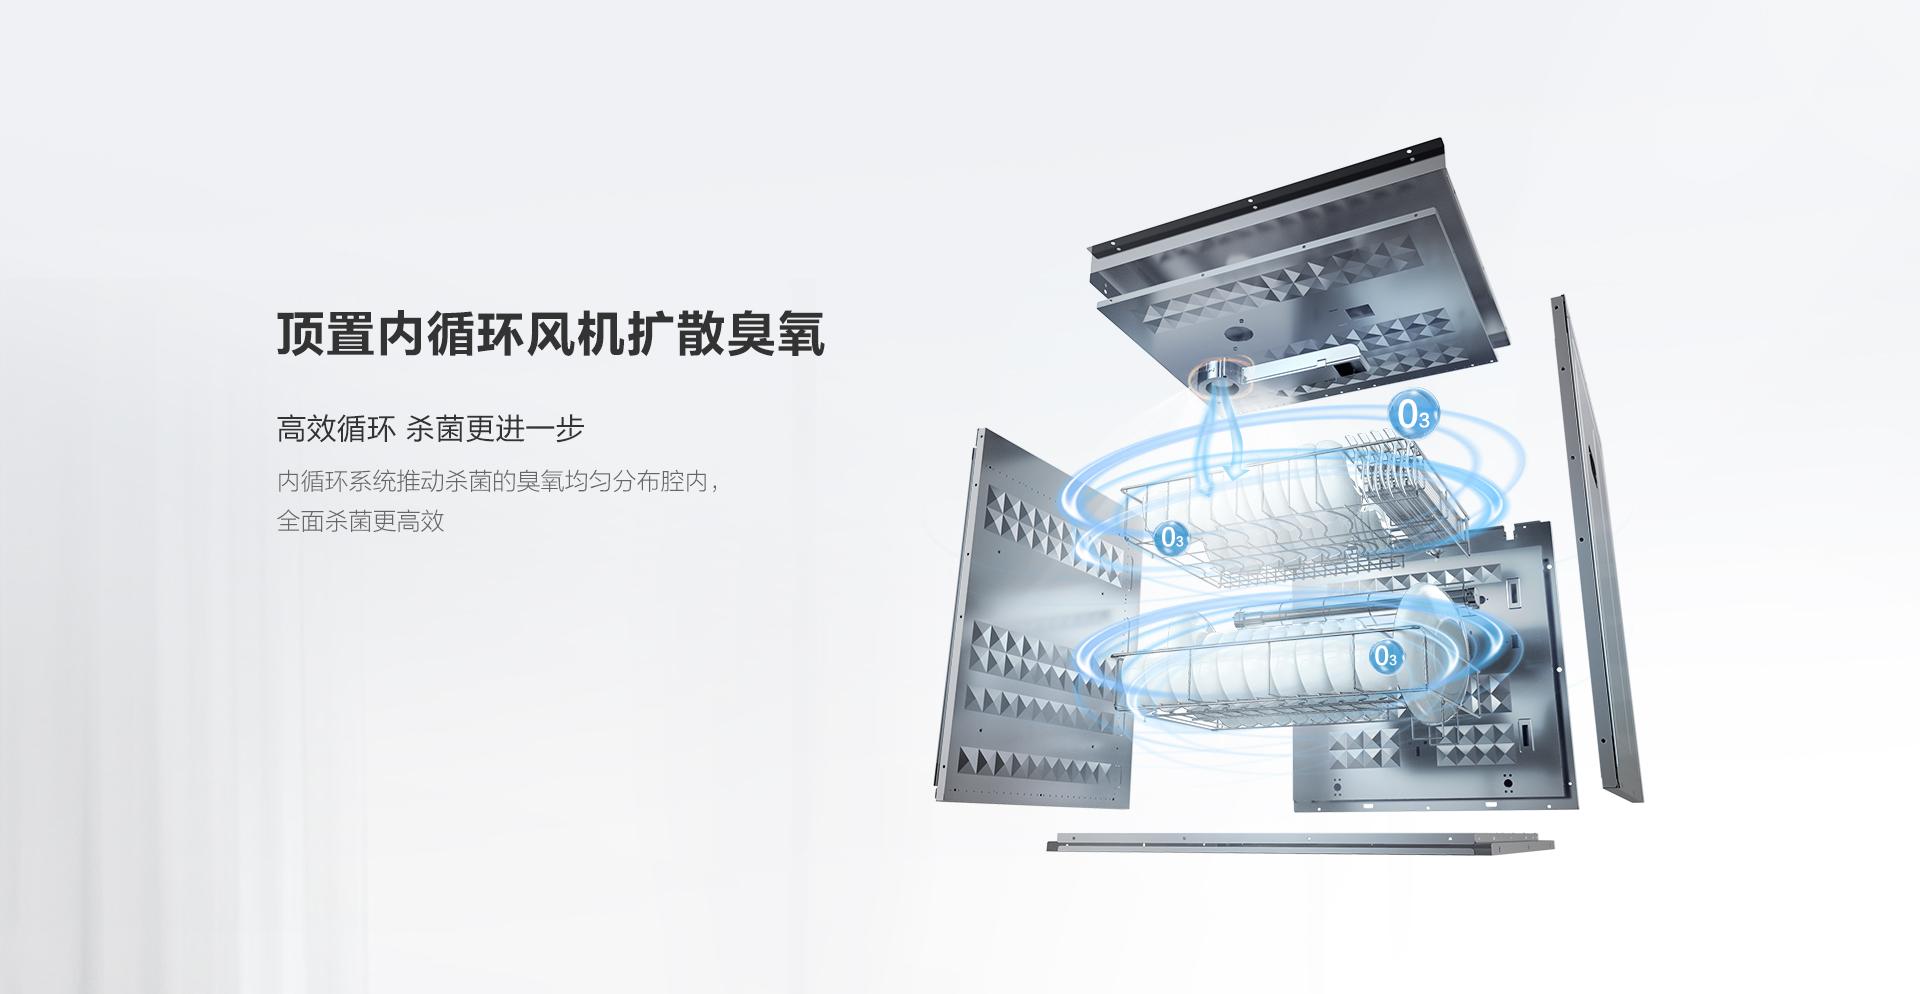 XB603消毒柜-官网上新-PC端_04.png